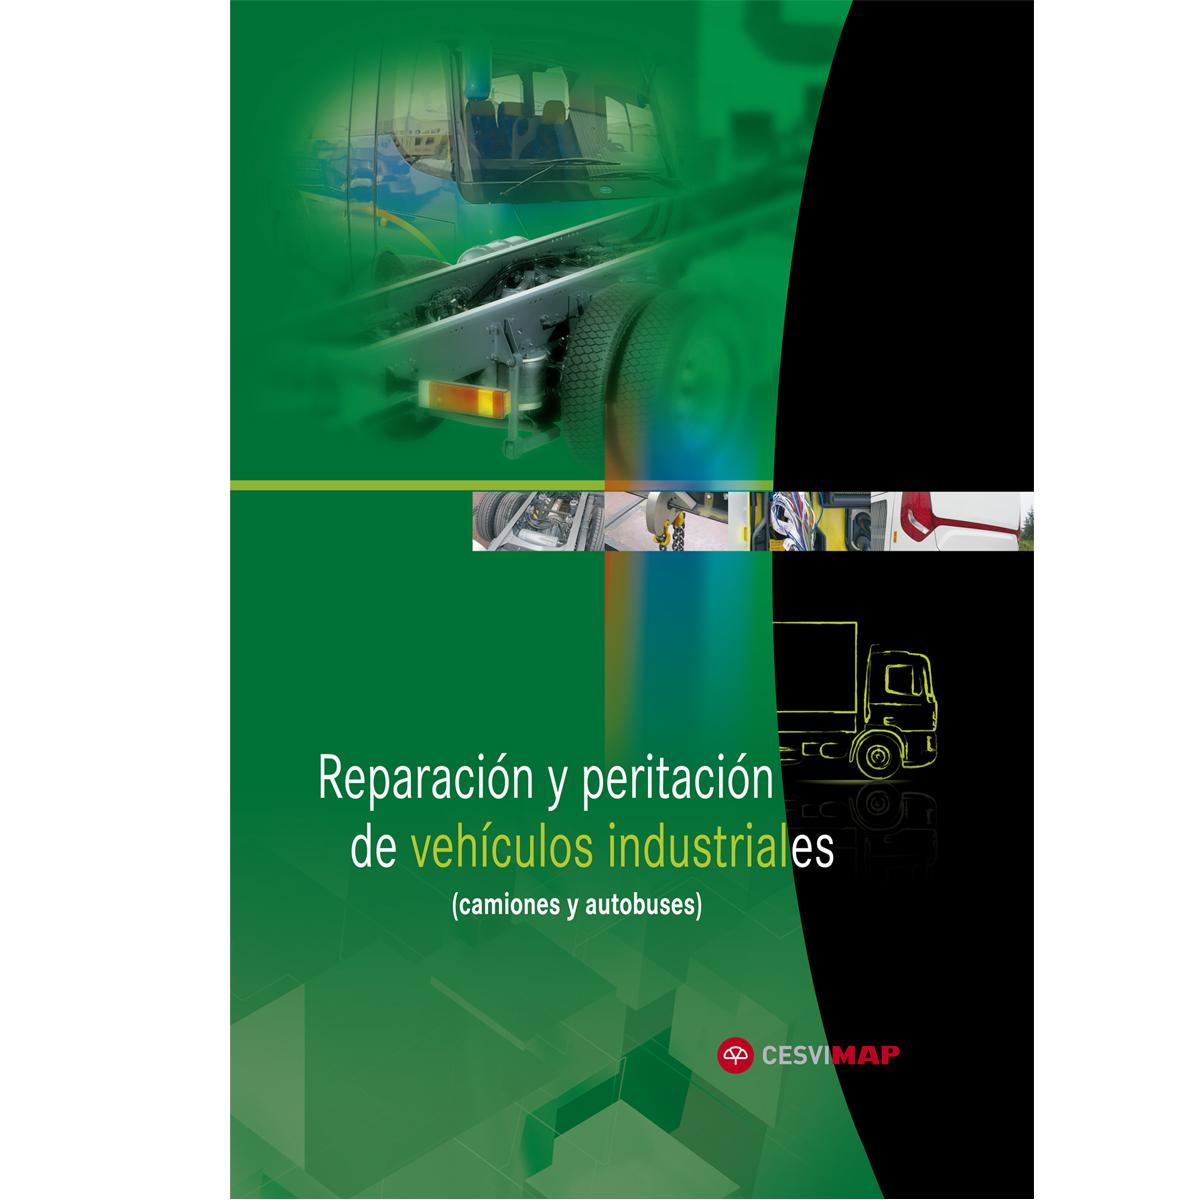 REPARACION Y TPERITACION DE VEHICULOS INDUSTRIALES